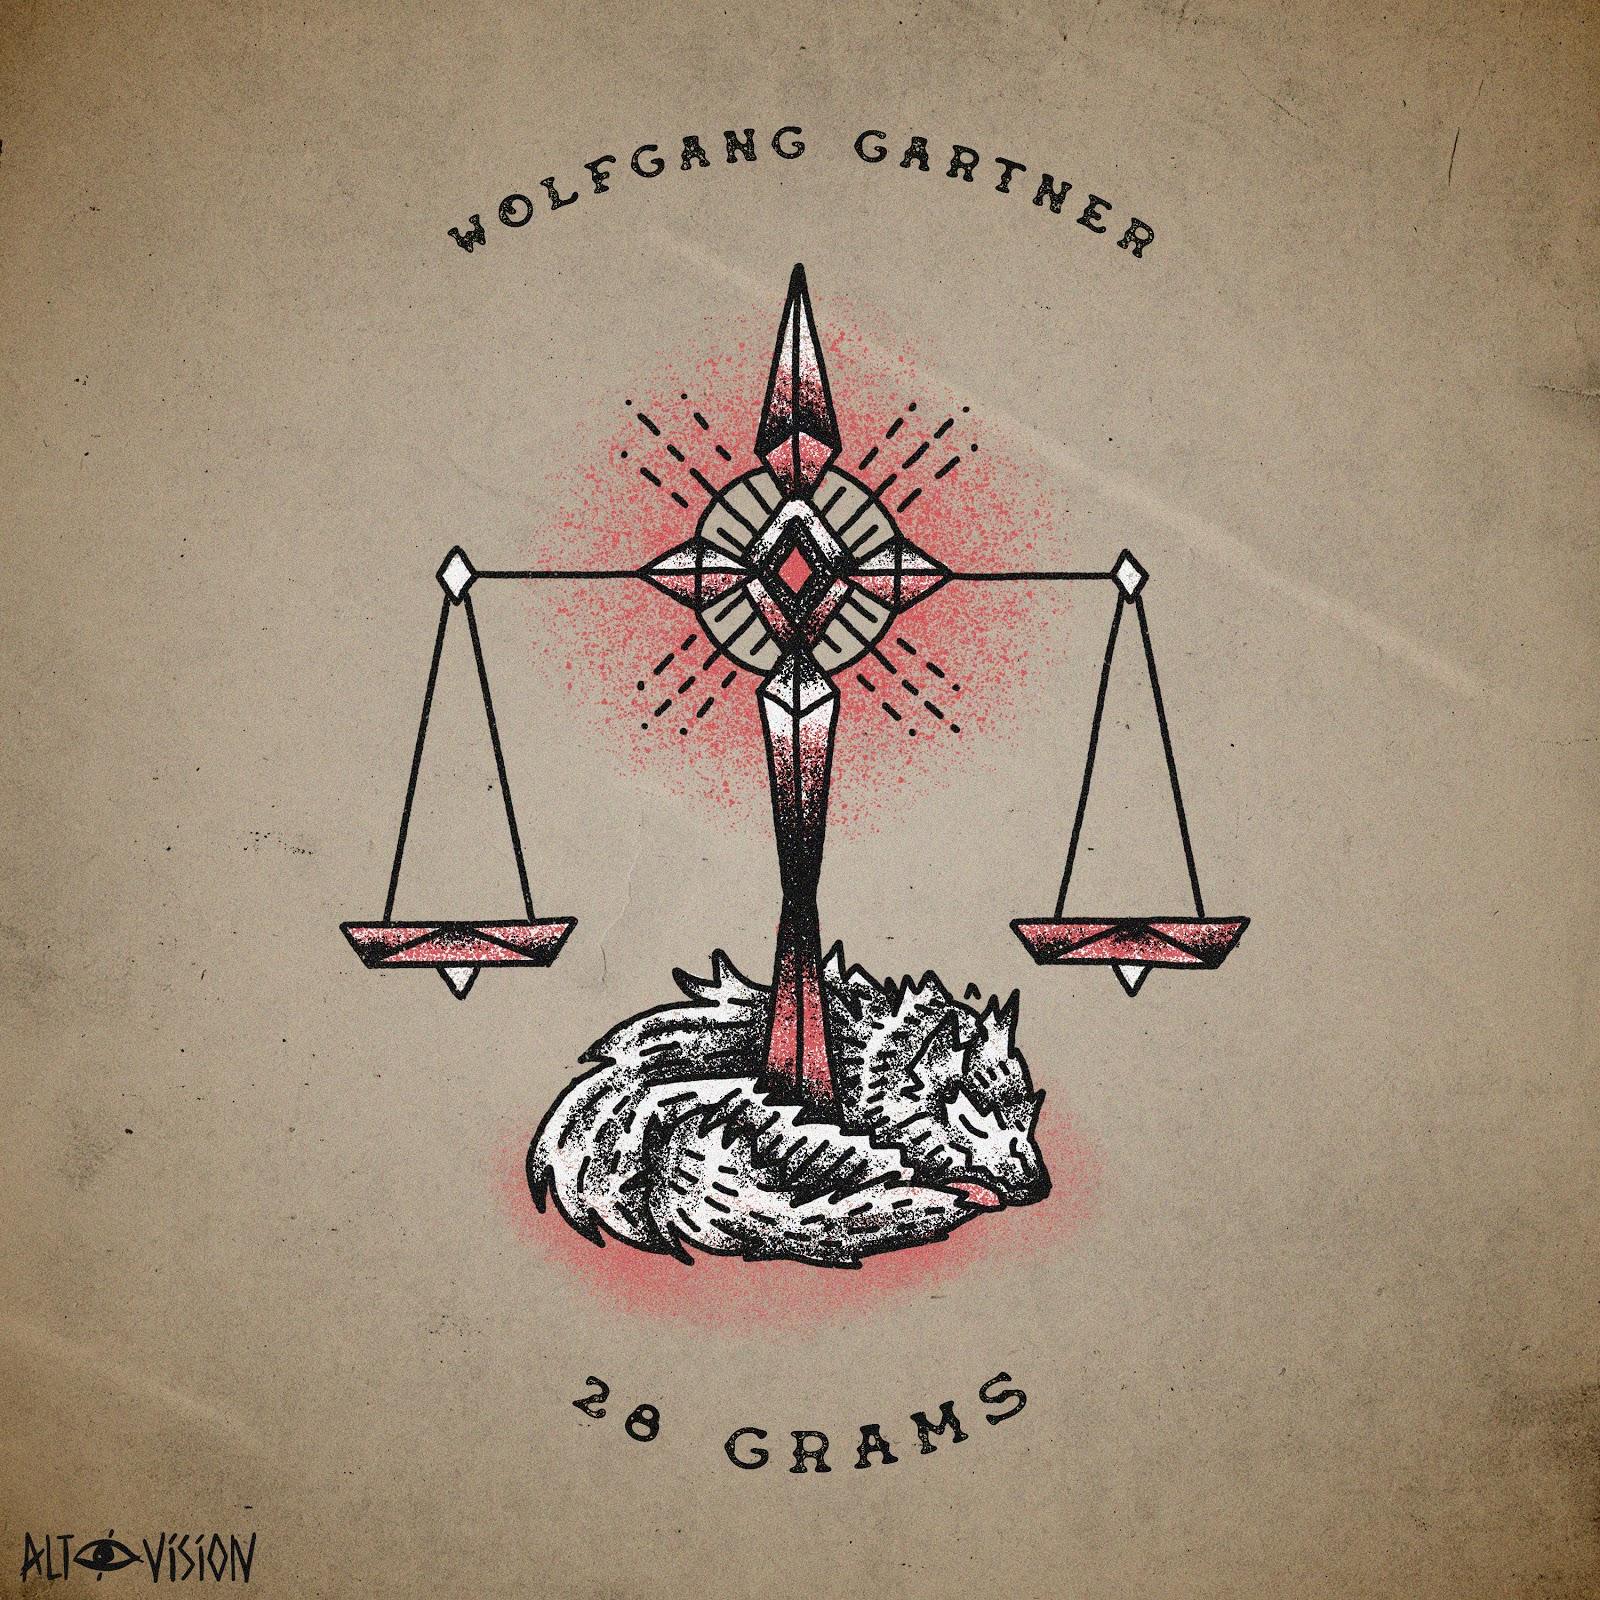 28 grams